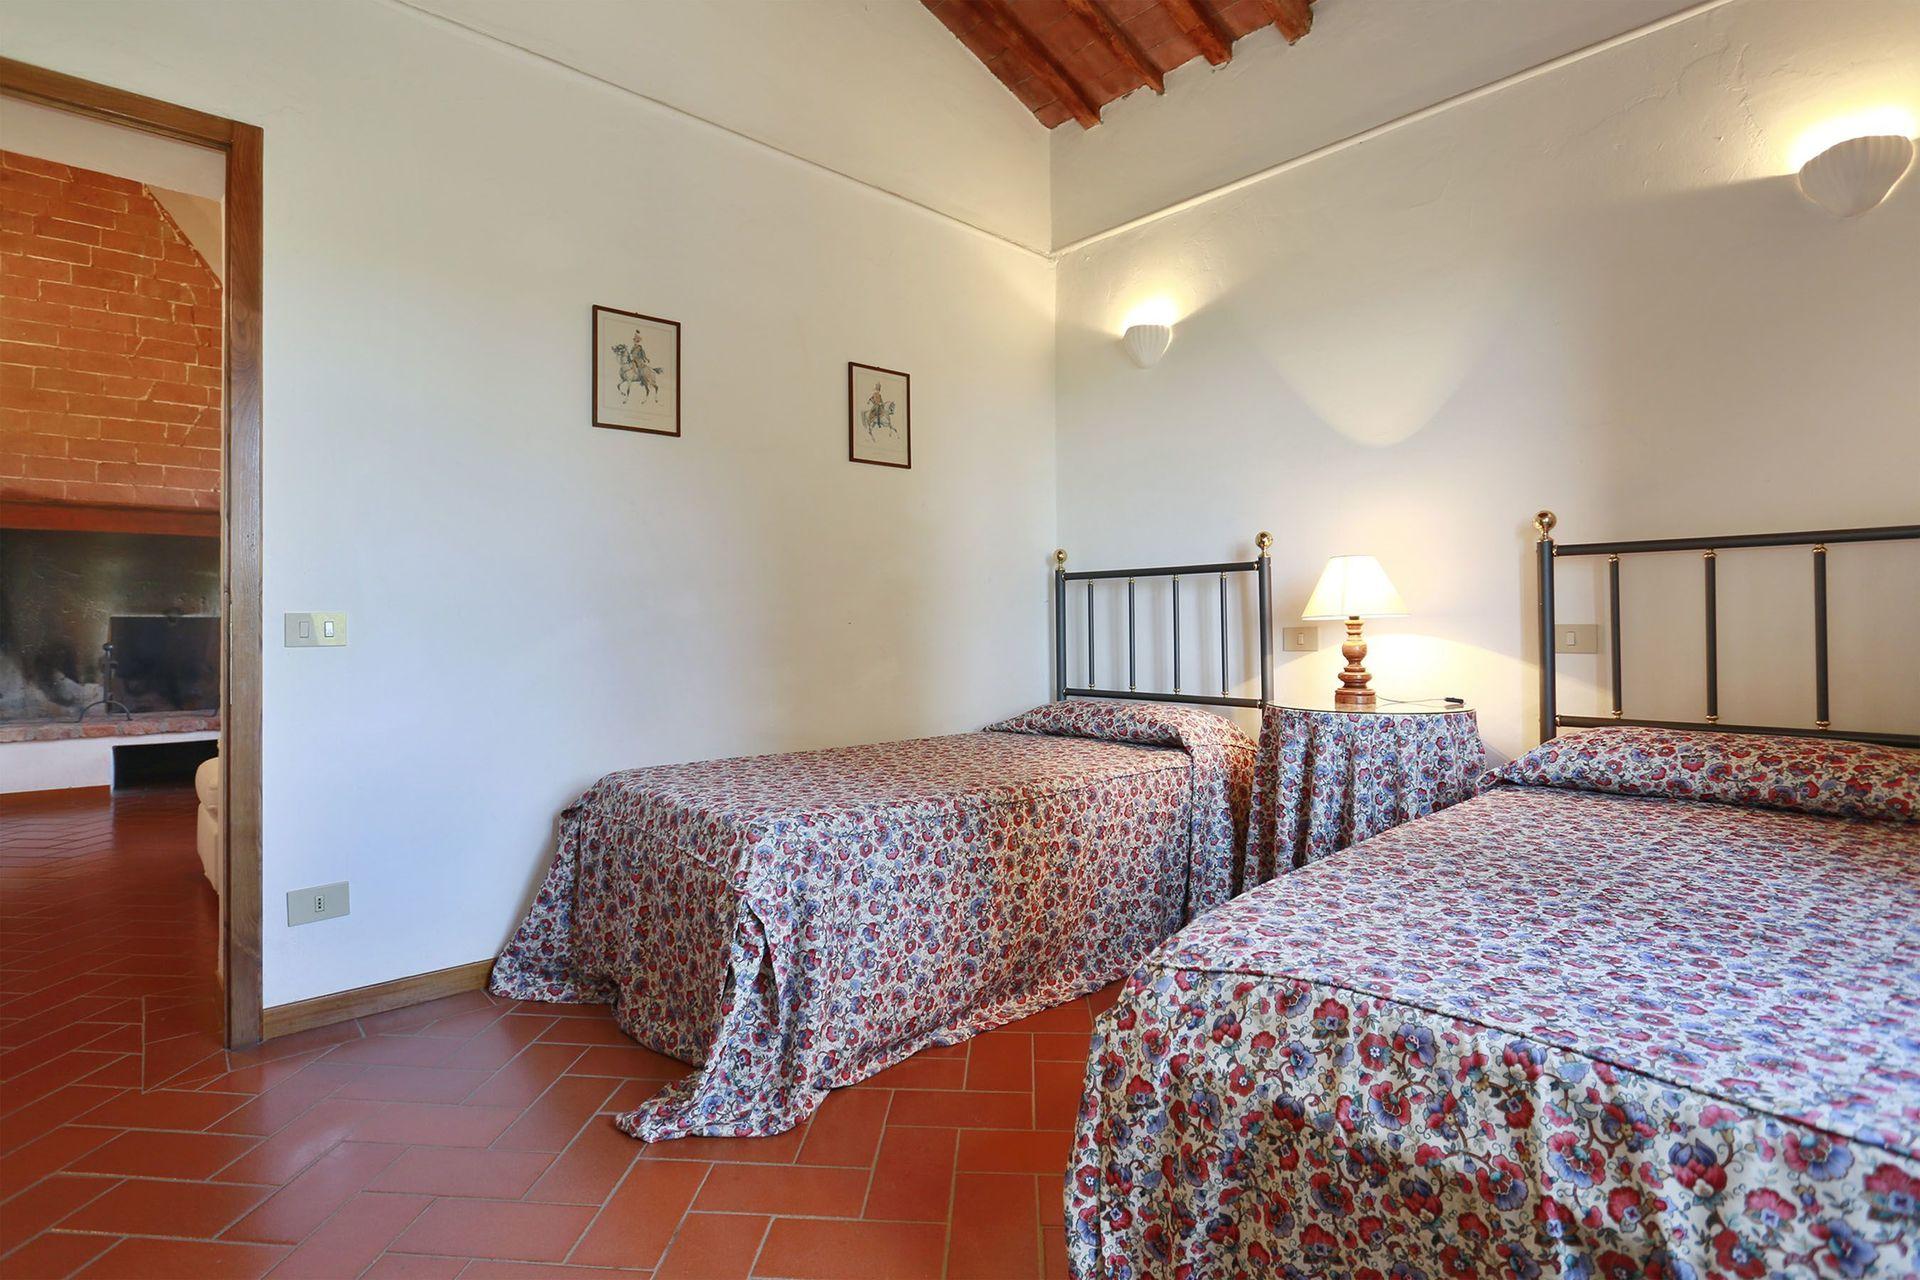 la capanna casa vacanze con 12 posti letto in 6 camere